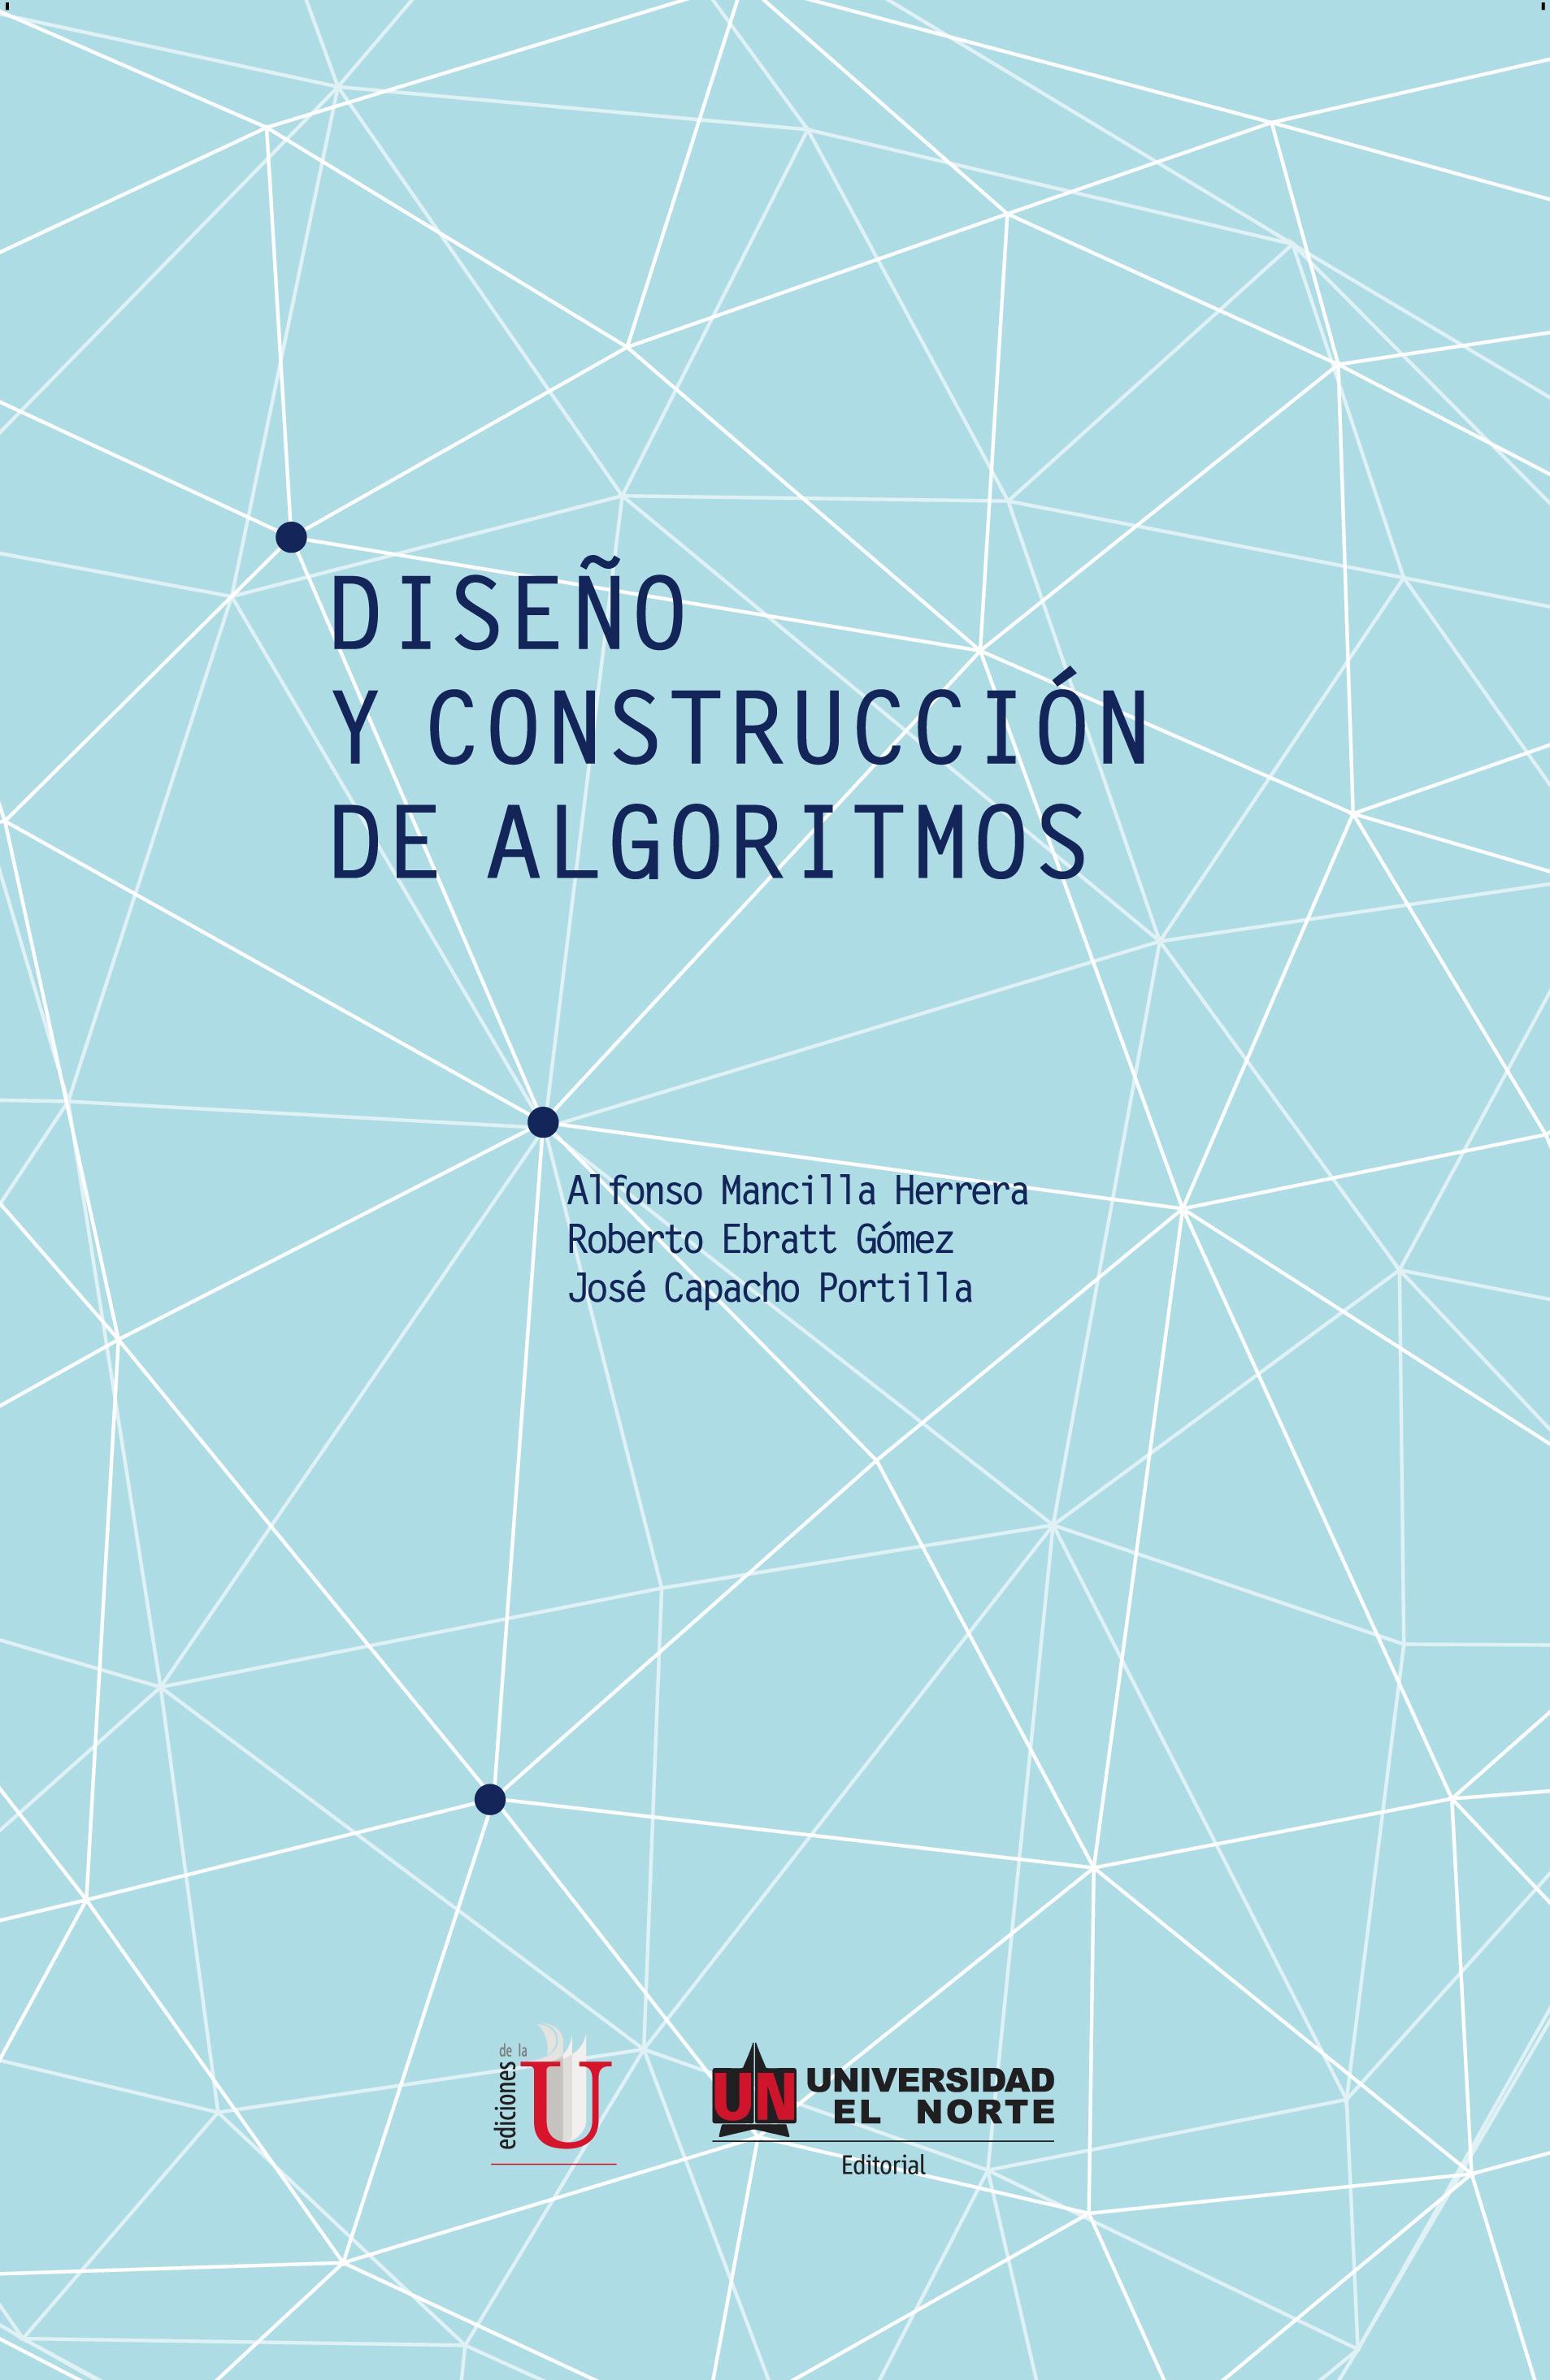 Este libro contiene un compendio detallado y sistemático que sirve para el análisis